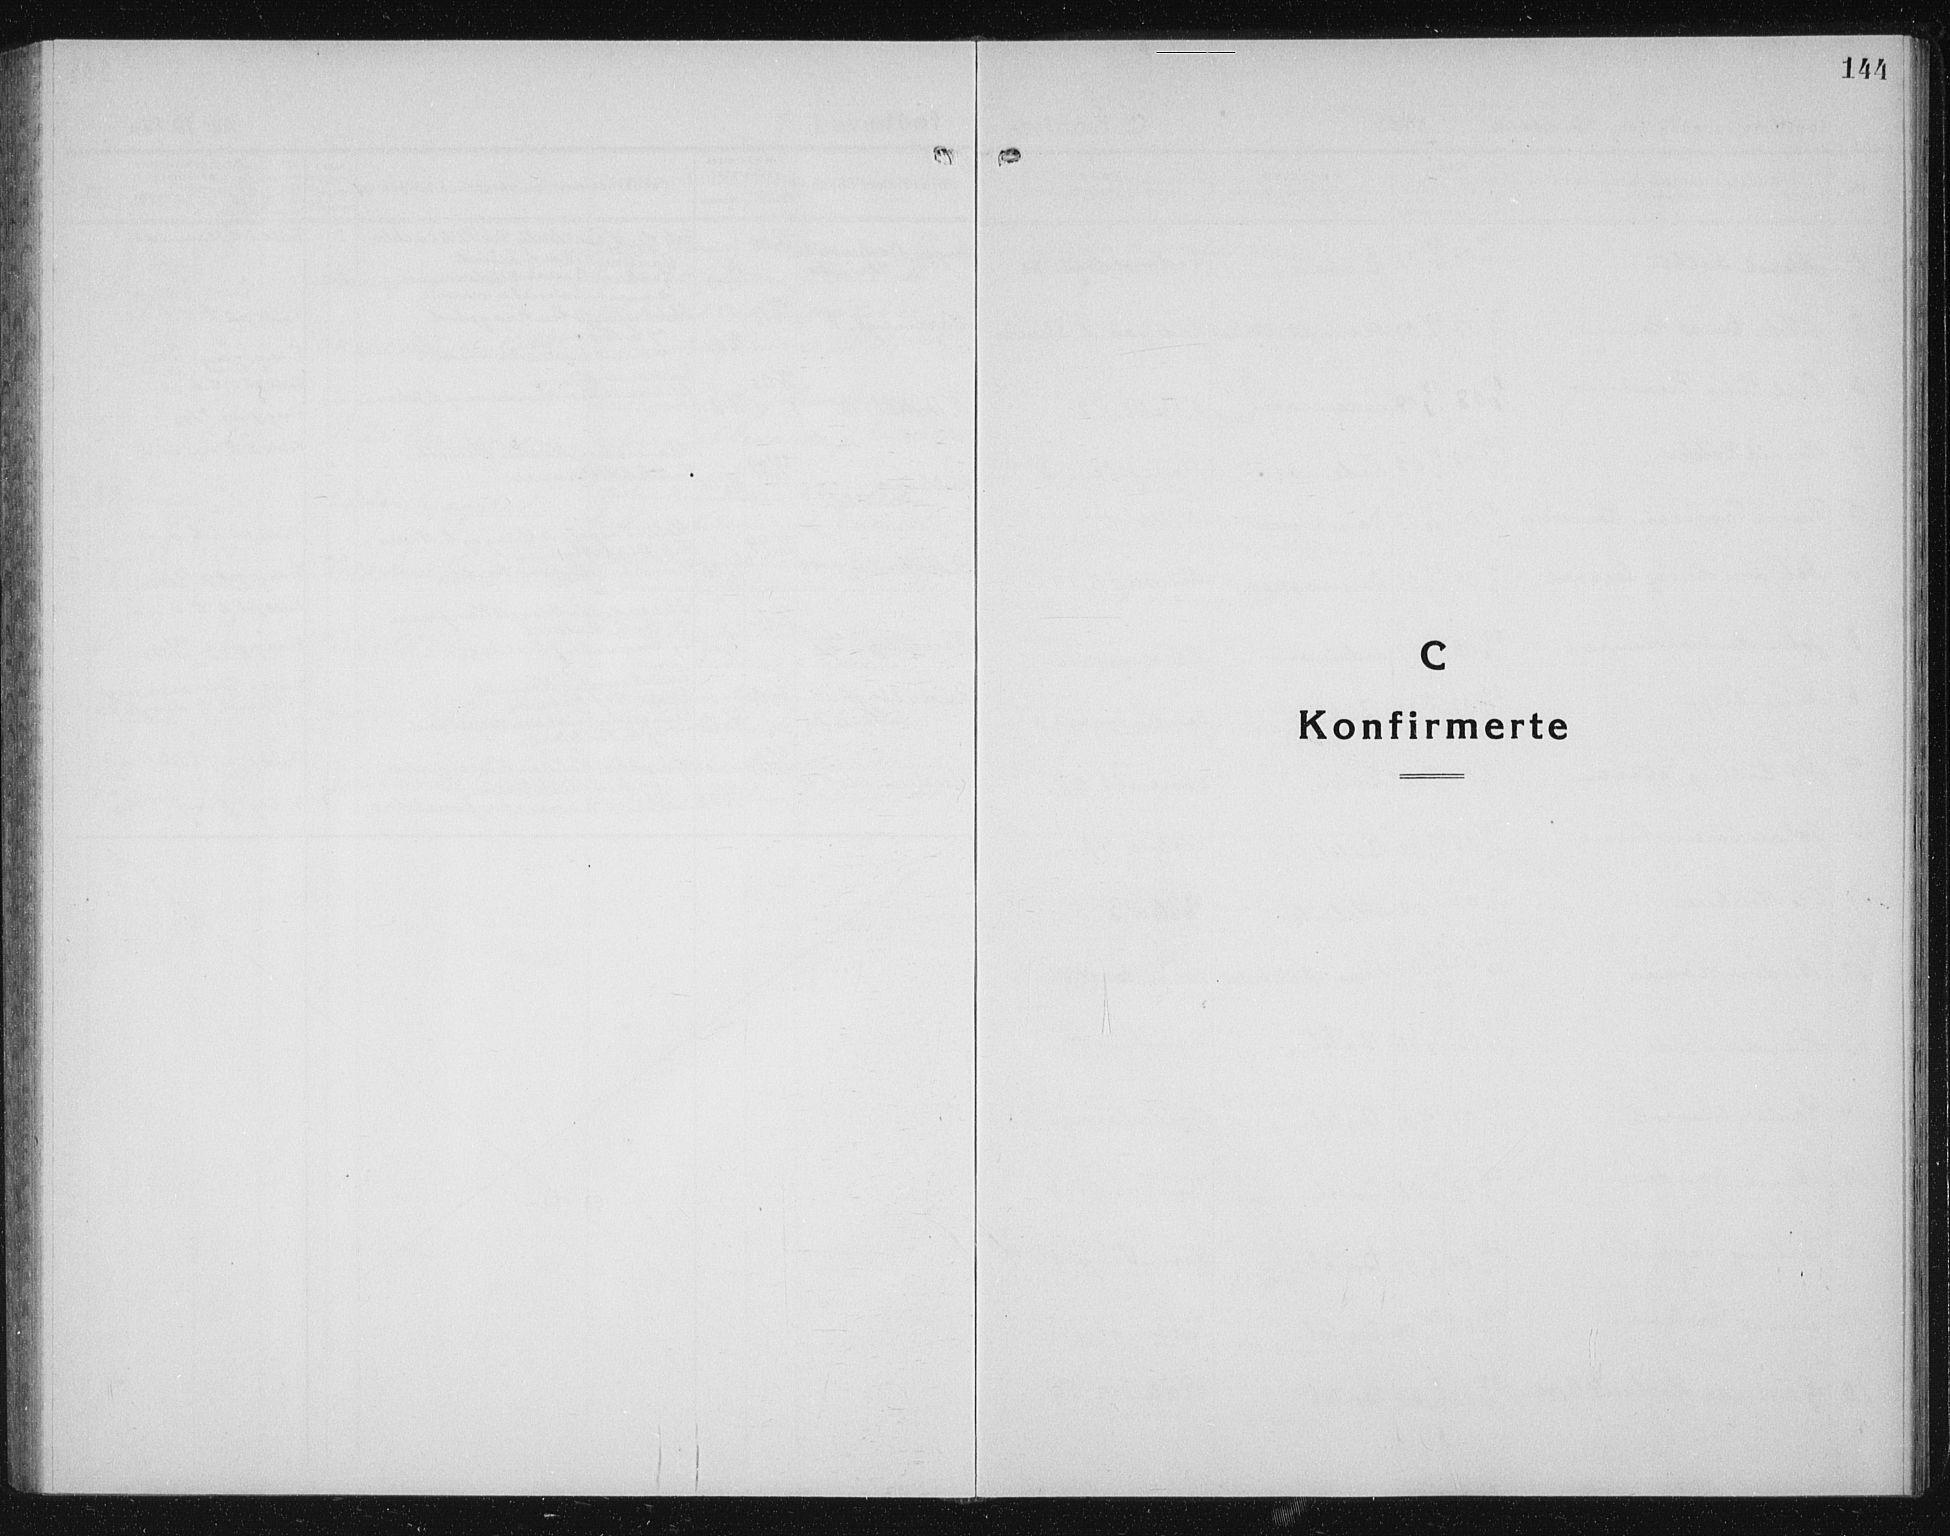 SAT, Ministerialprotokoller, klokkerbøker og fødselsregistre - Sør-Trøndelag, 604/L0227: Klokkerbok nr. 604C10, 1923-1942, s. 144